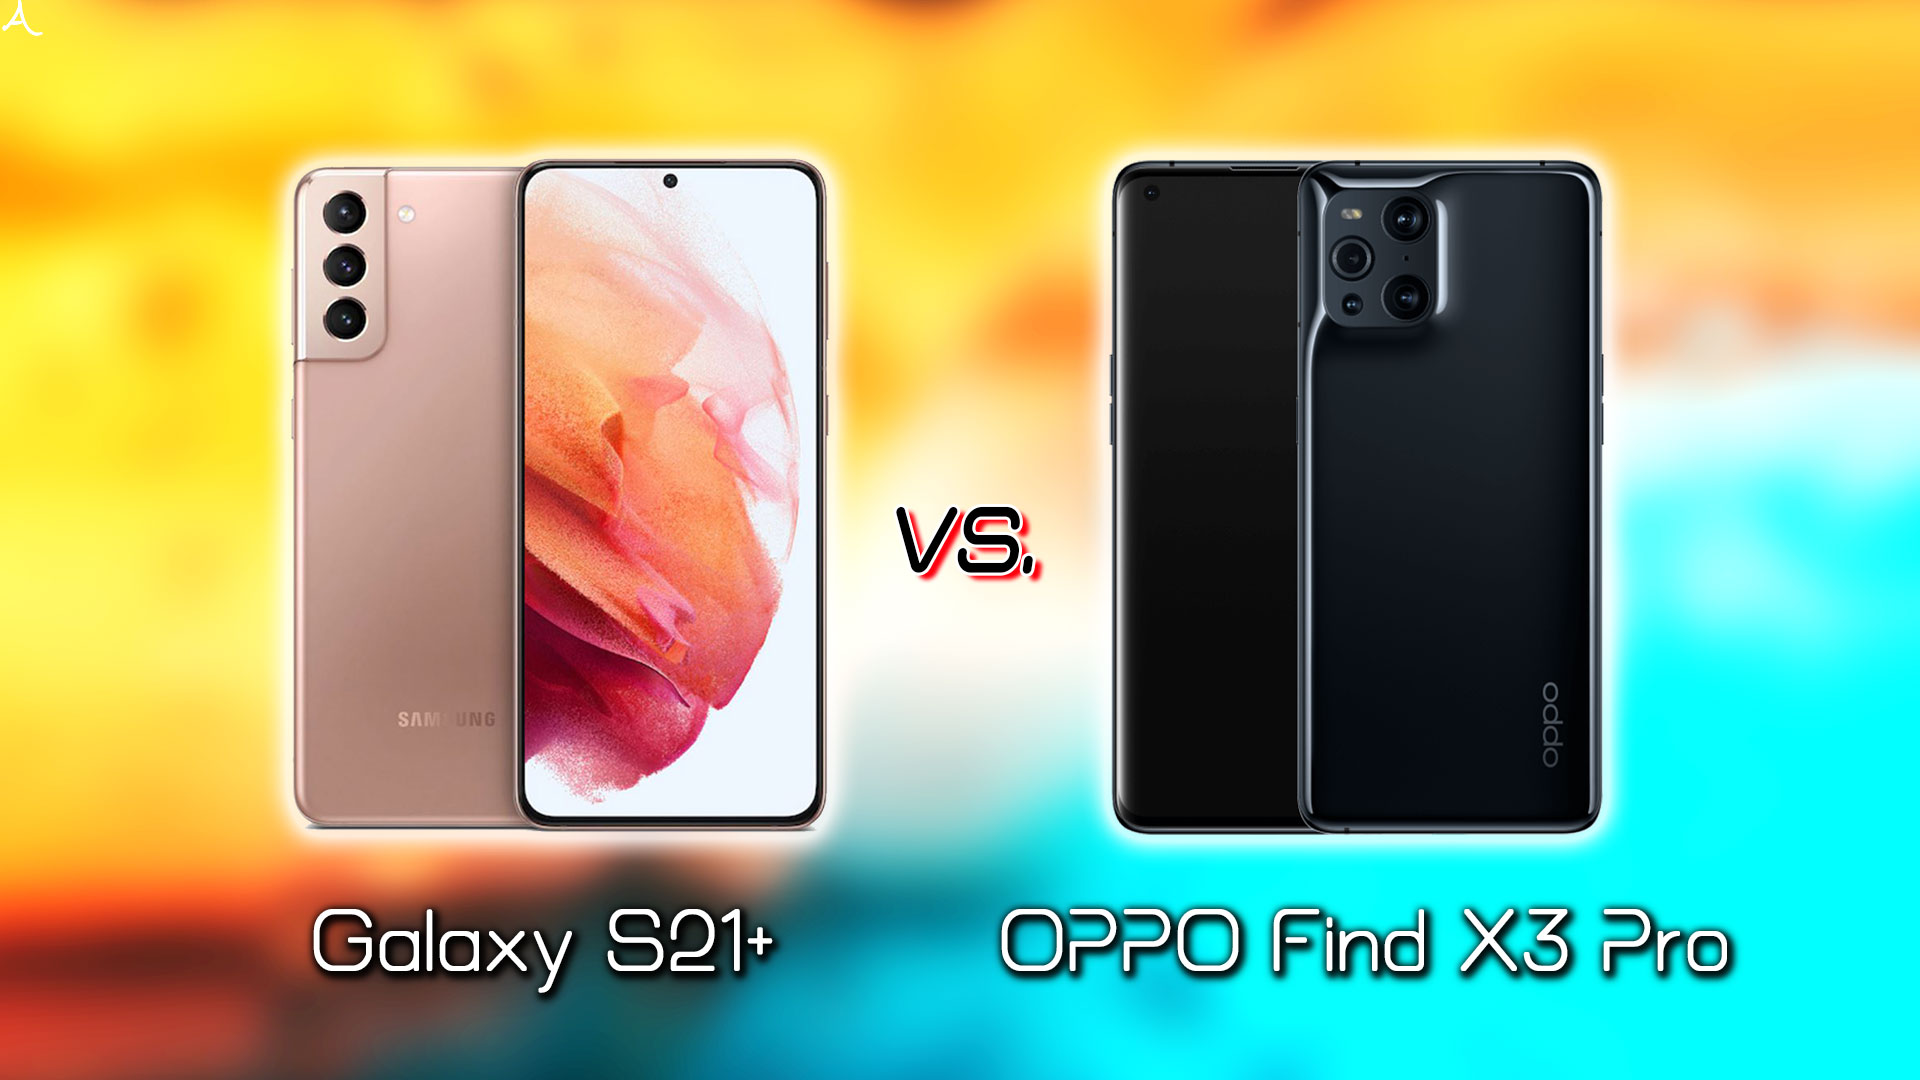 「Galaxy S21+(プラス)」と「OPPO Find X3 Pro」の違いを比較:どっちを買う?